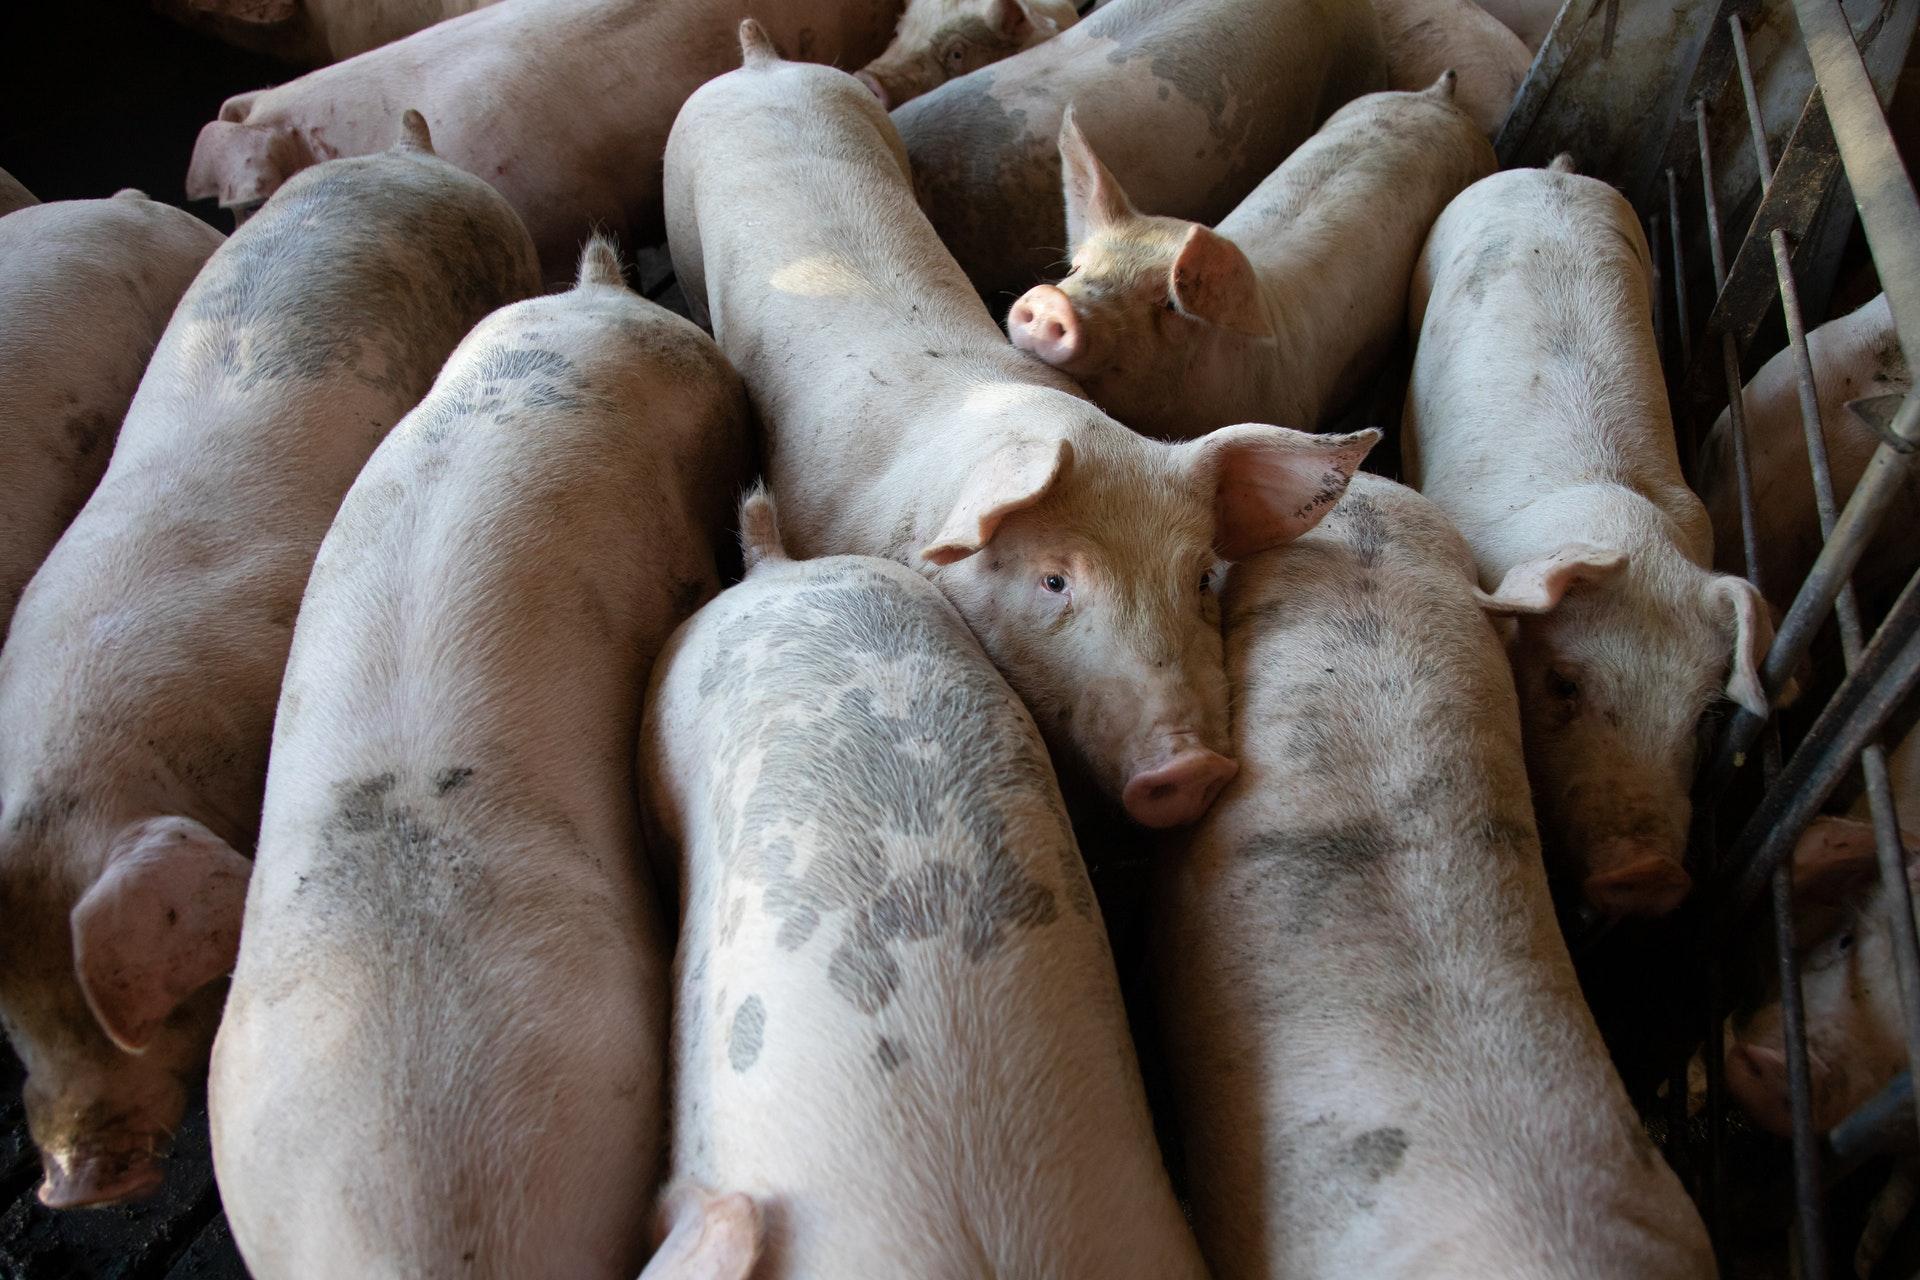 zakaz stosowania klatek w chowie i hodowli - grafika wpisu